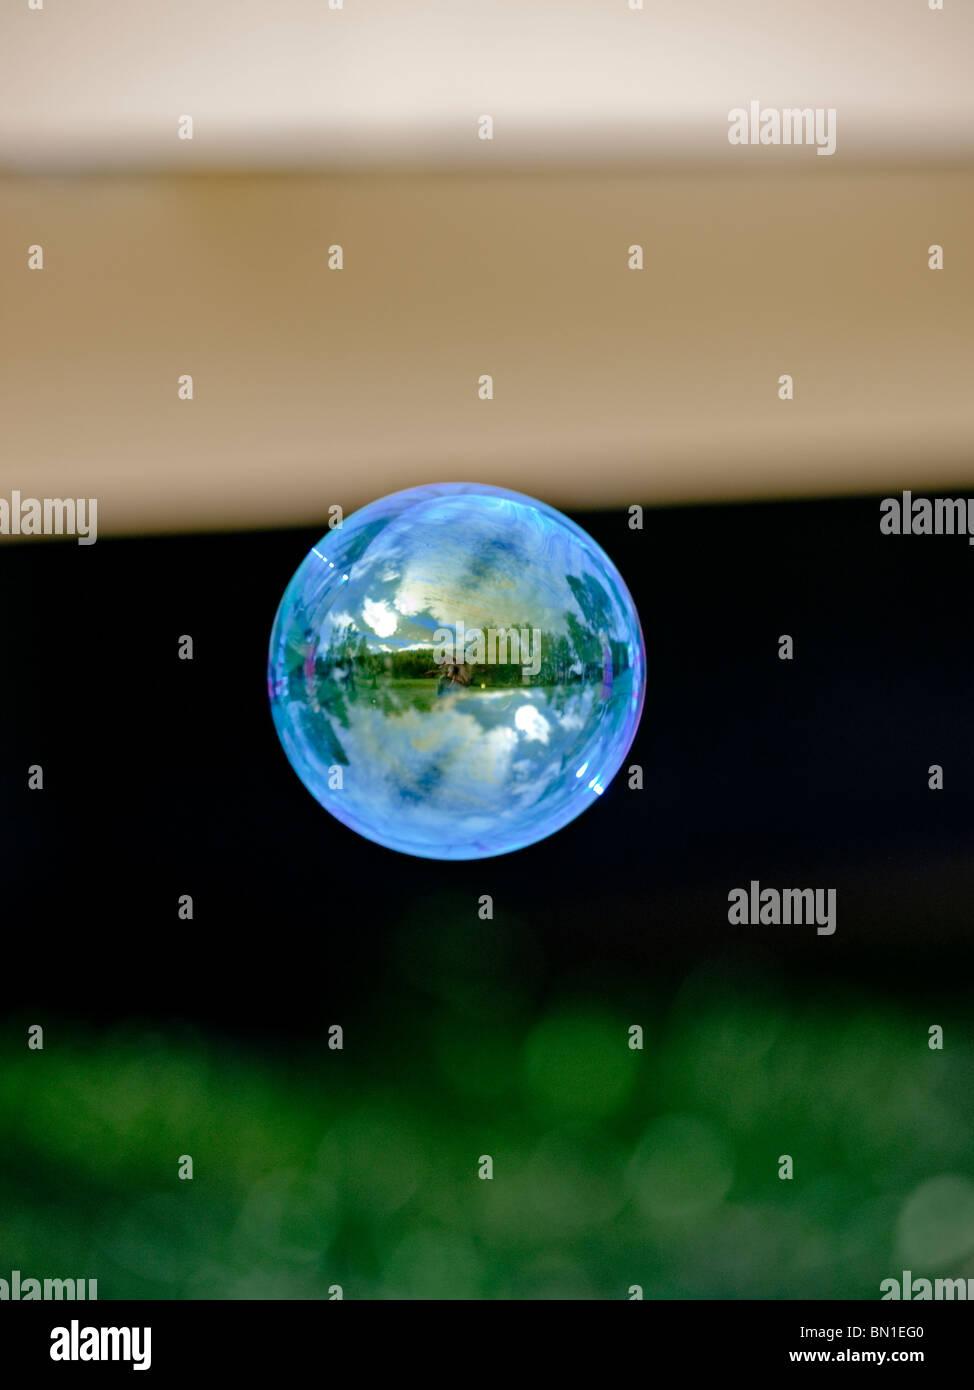 Una bolla galleggianti in aria Immagini Stock